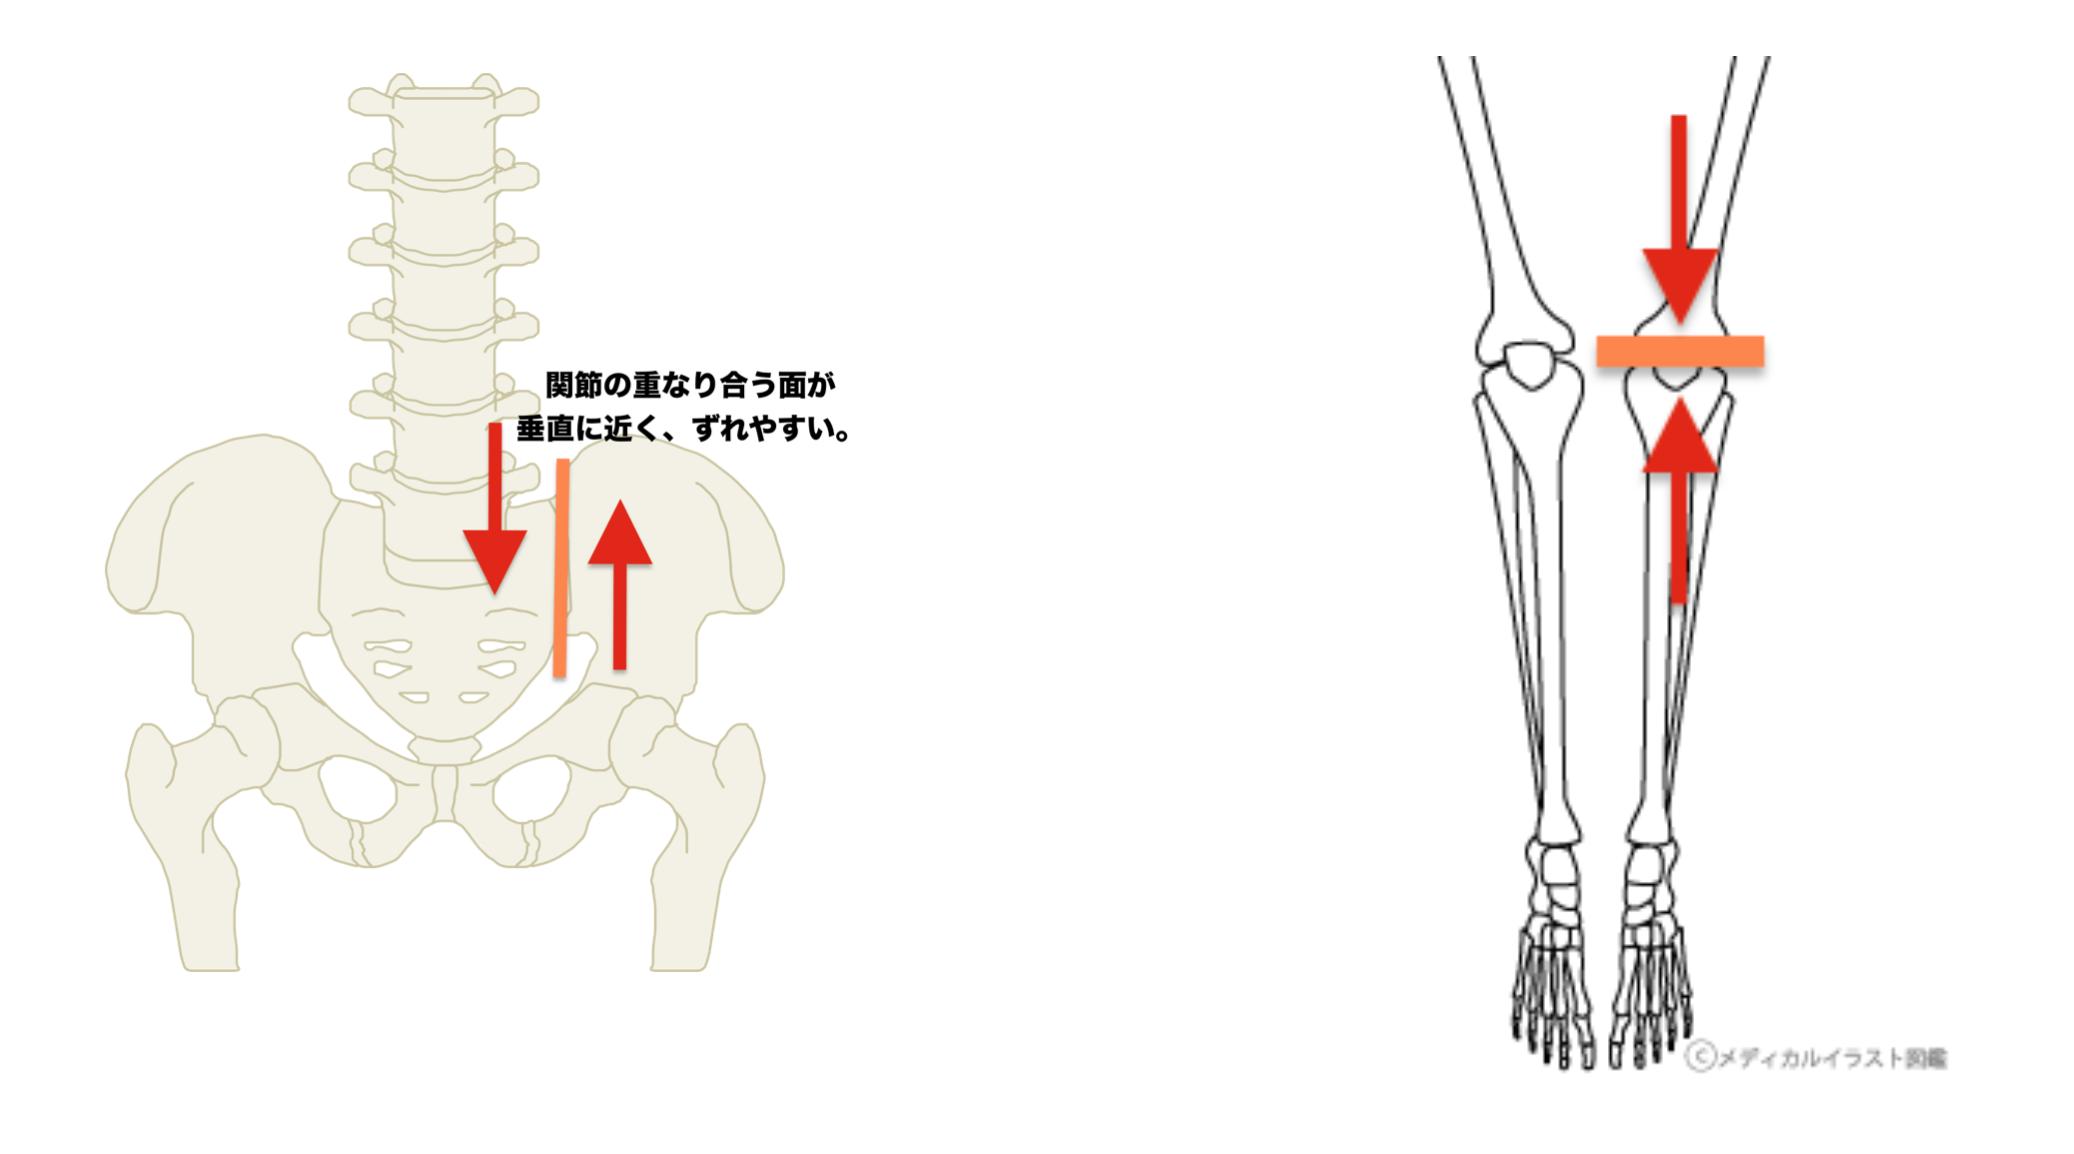 仙腸関節と膝関節